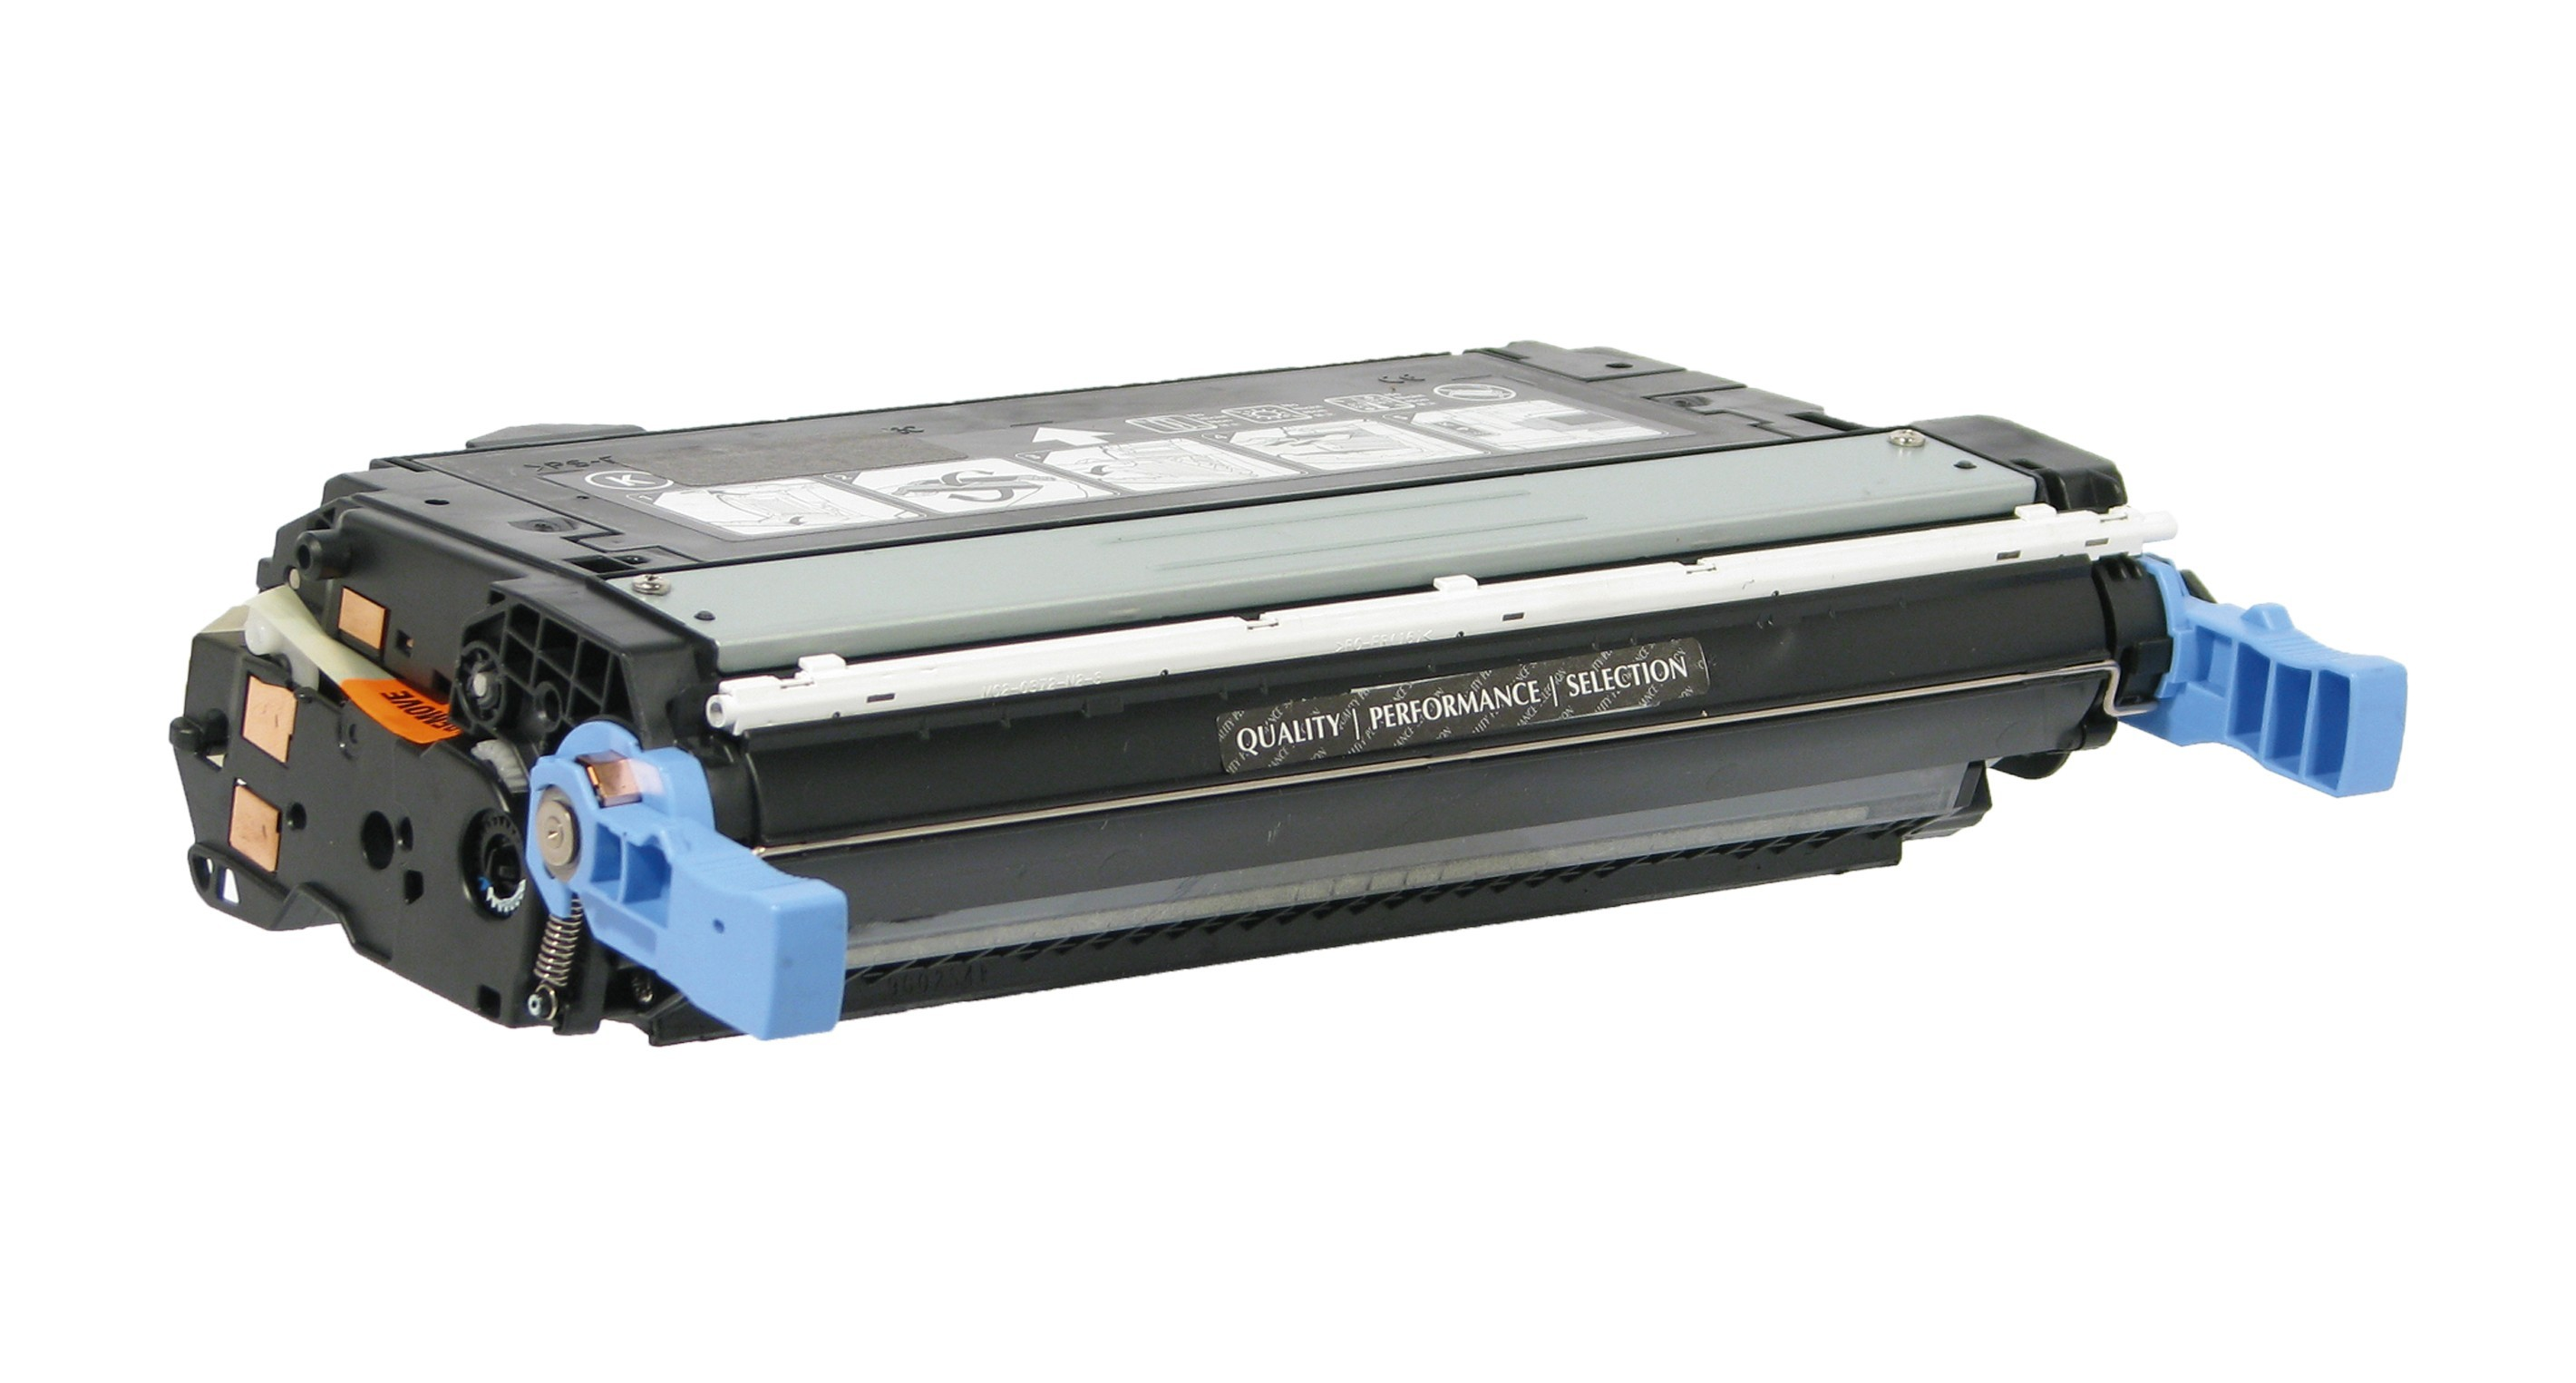 Cartus Toner 643a Black Compatibil Hp Q5950a Remanufacturat